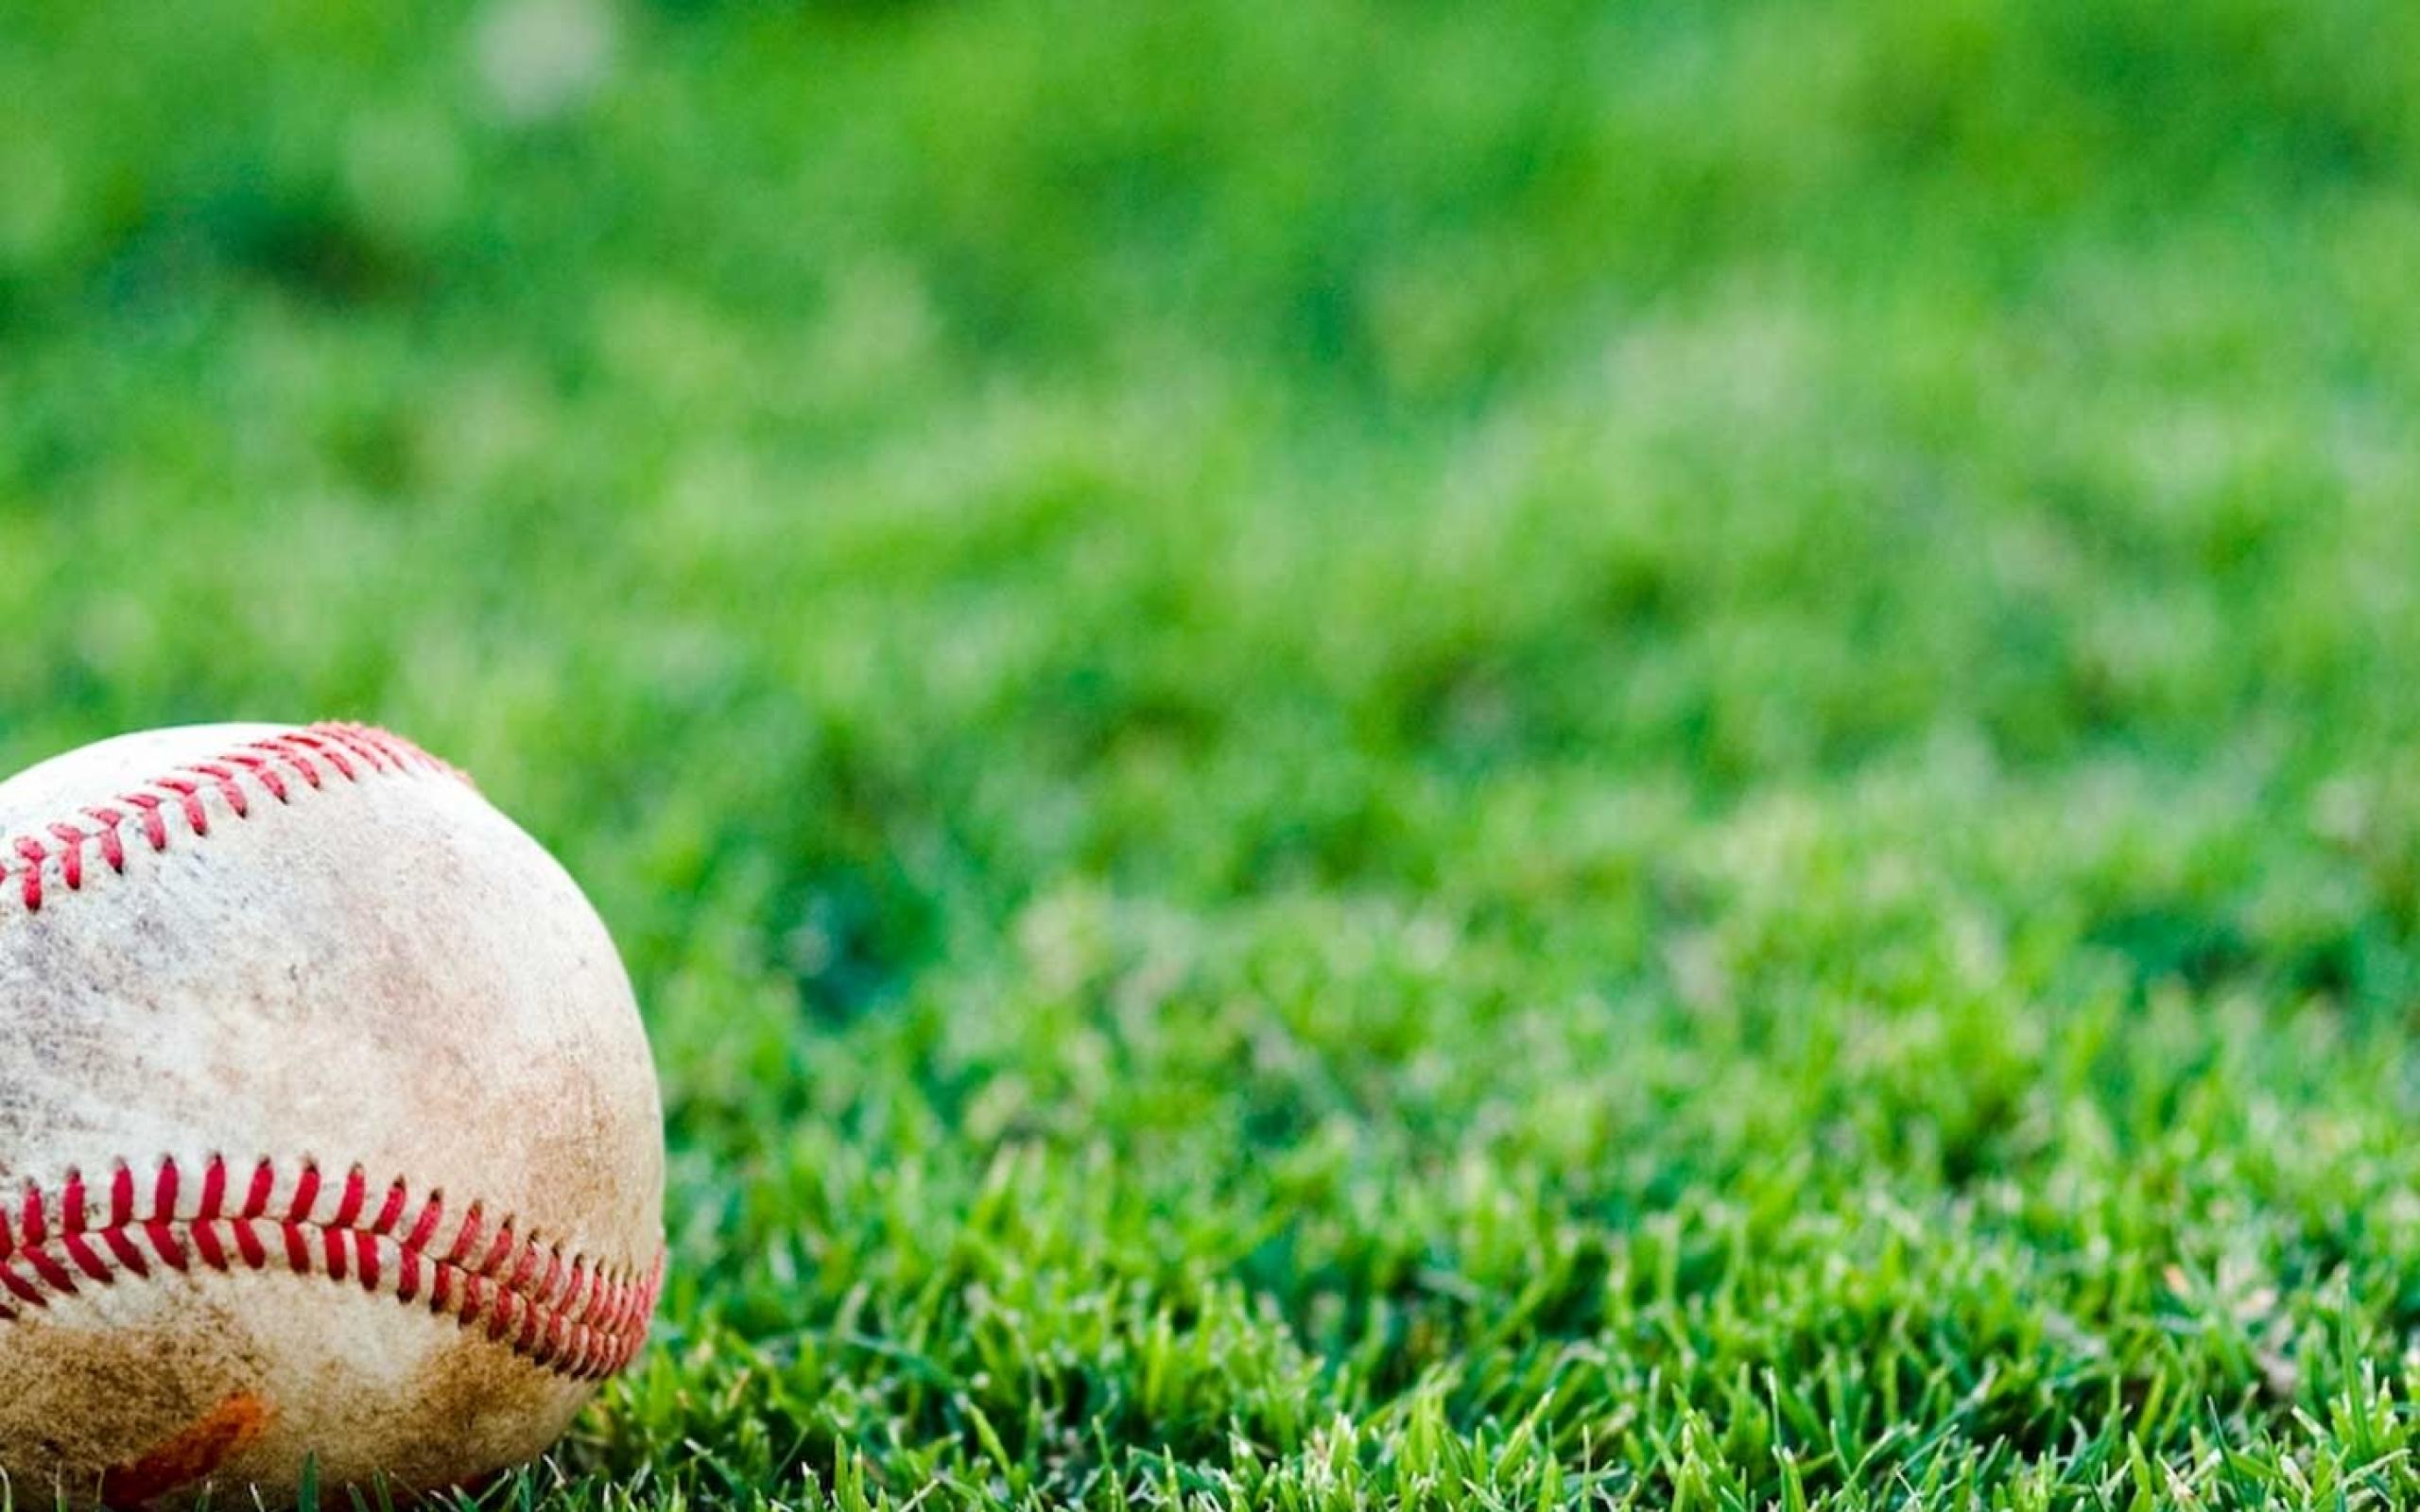 sports grass baseball depth of field 1450x1100 wallpaper Wallpaper 2560x1600